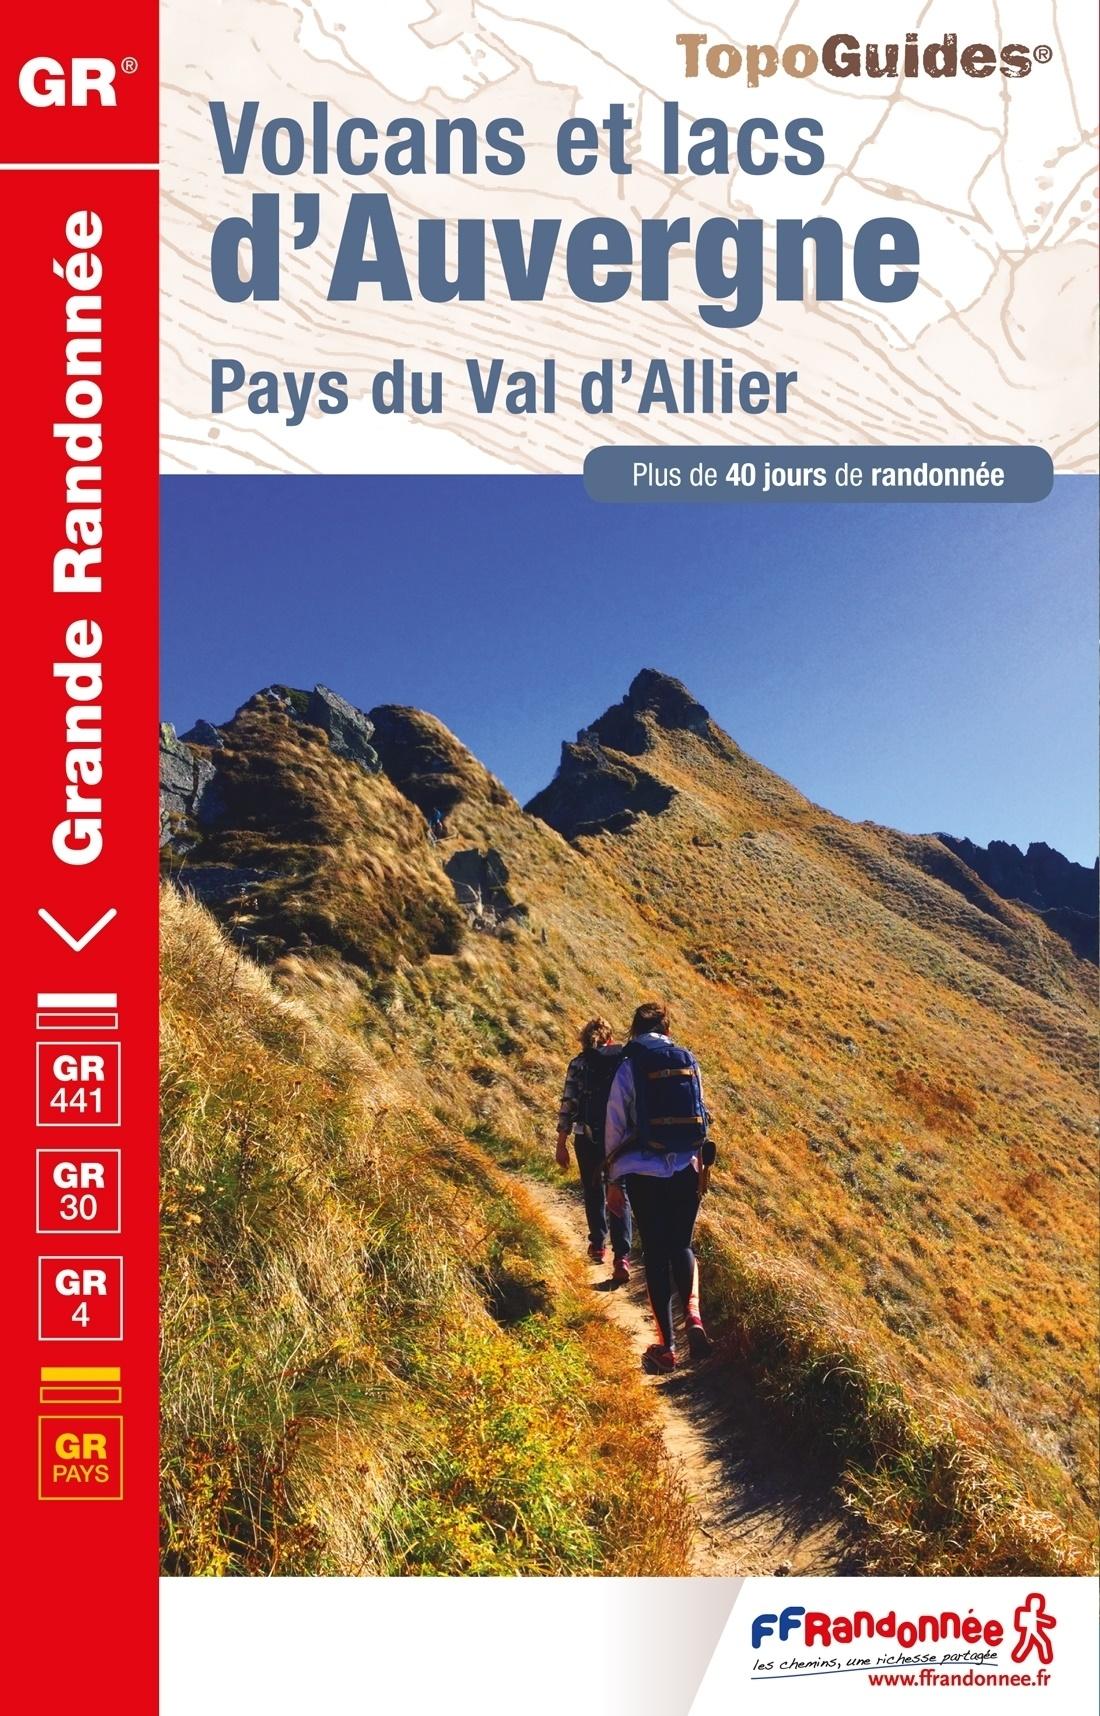 TG304  Volcans et Lacs   | wandelgids GR-441/GR-30 9782751410109  FFRP Topoguides  Meerdaagse wandelroutes, Wandelgidsen Auvergne, Cantal, Forez